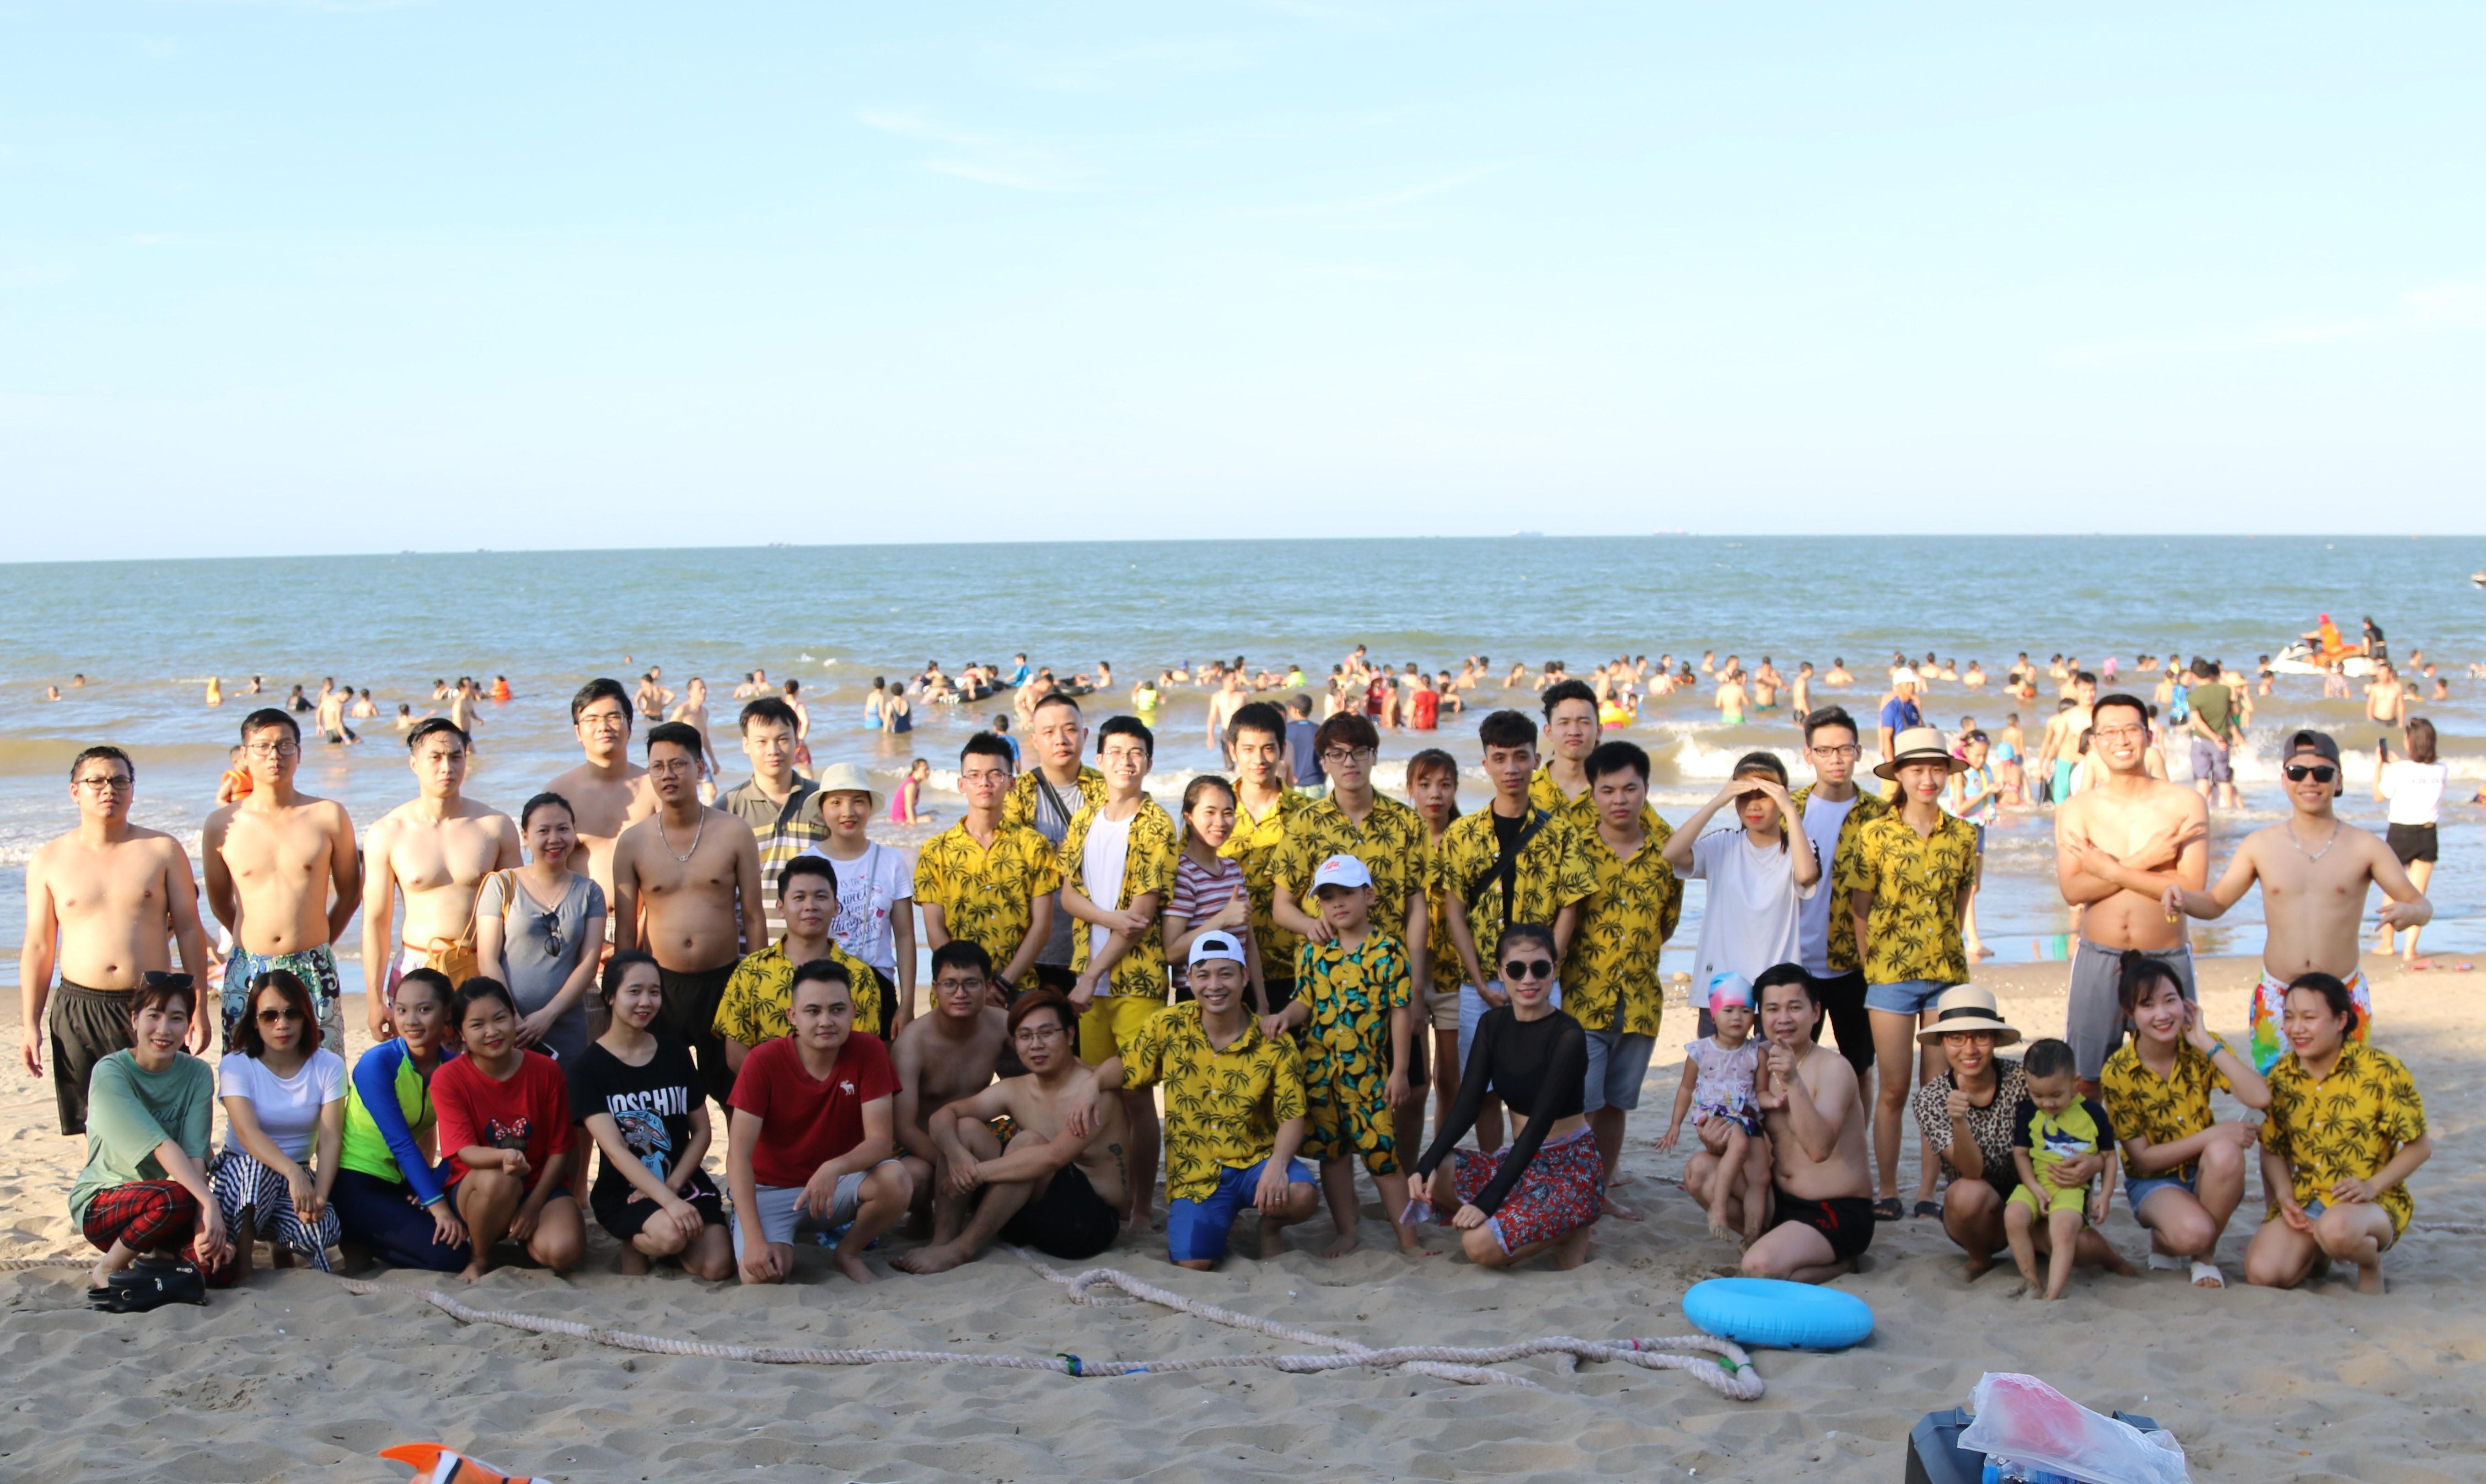 Sau hơn 6 giờ đồng hồ di chuyển cả đoàn đã có mặt tại biển Cửa Lò, nghỉ ngơi ăn trưa lấy lại sức. Ai nấy đều rất phấn khích cho hoạt động cho buổi chiều.